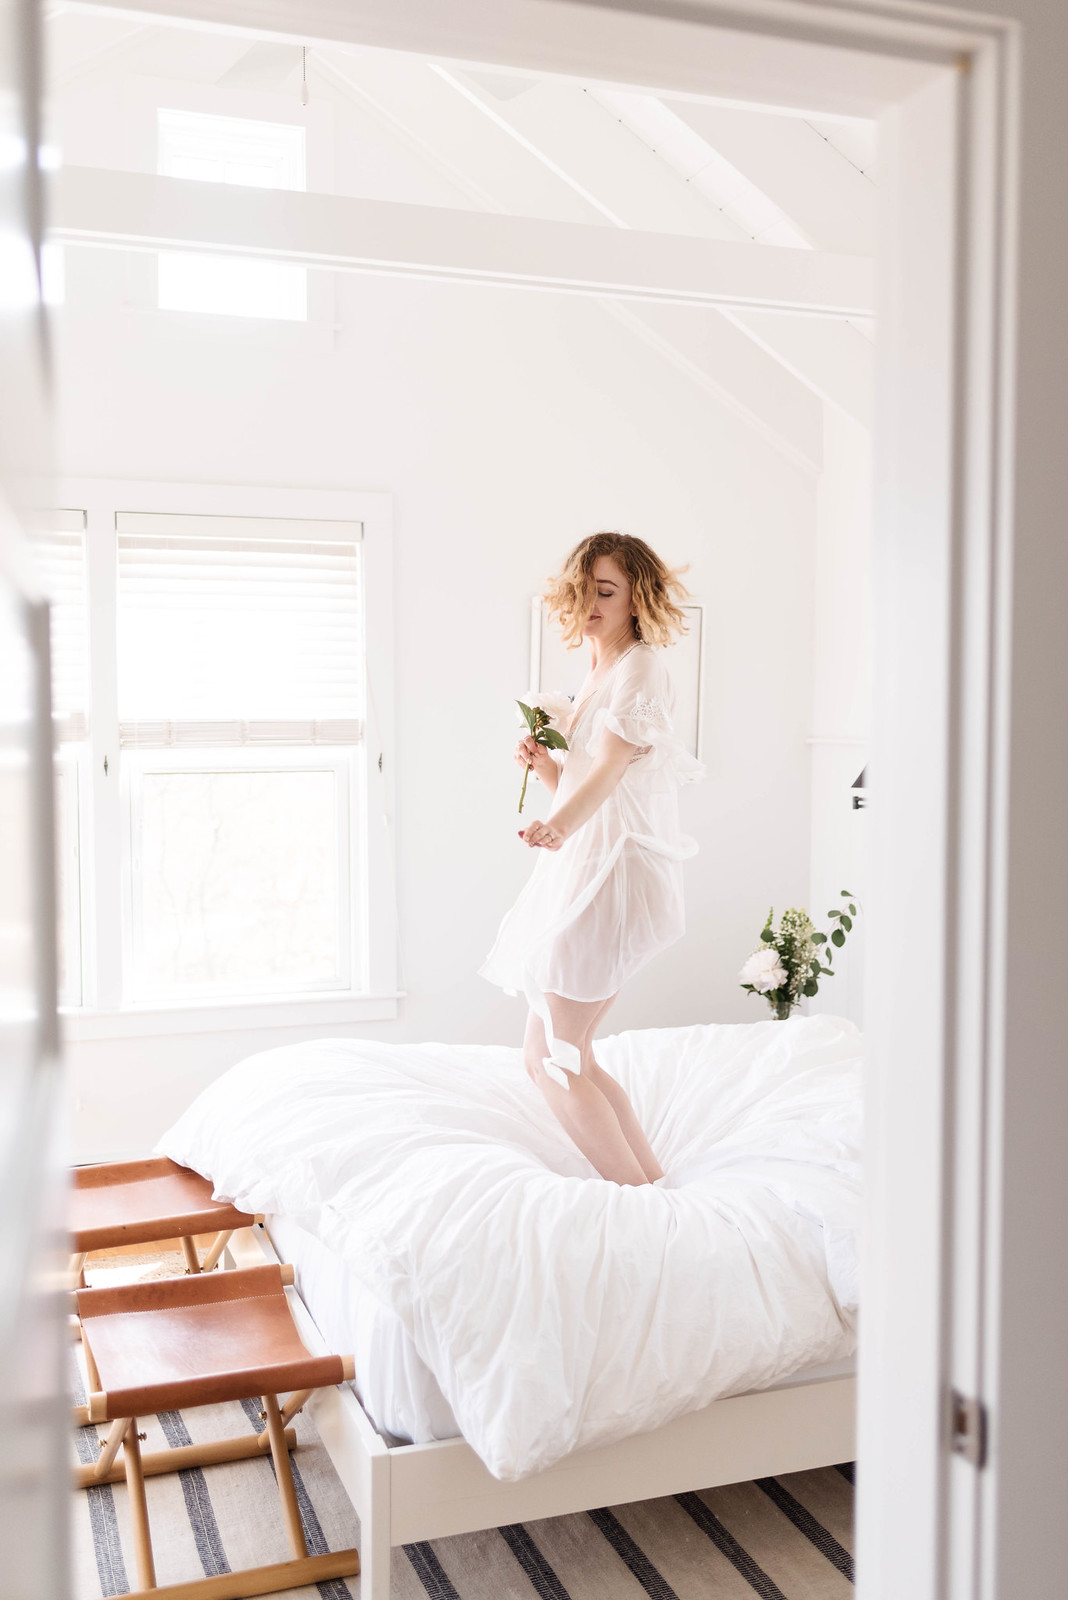 White Lingerie Jaelle Designs Bridal Boudoir on juliettelaura.blogspot.com